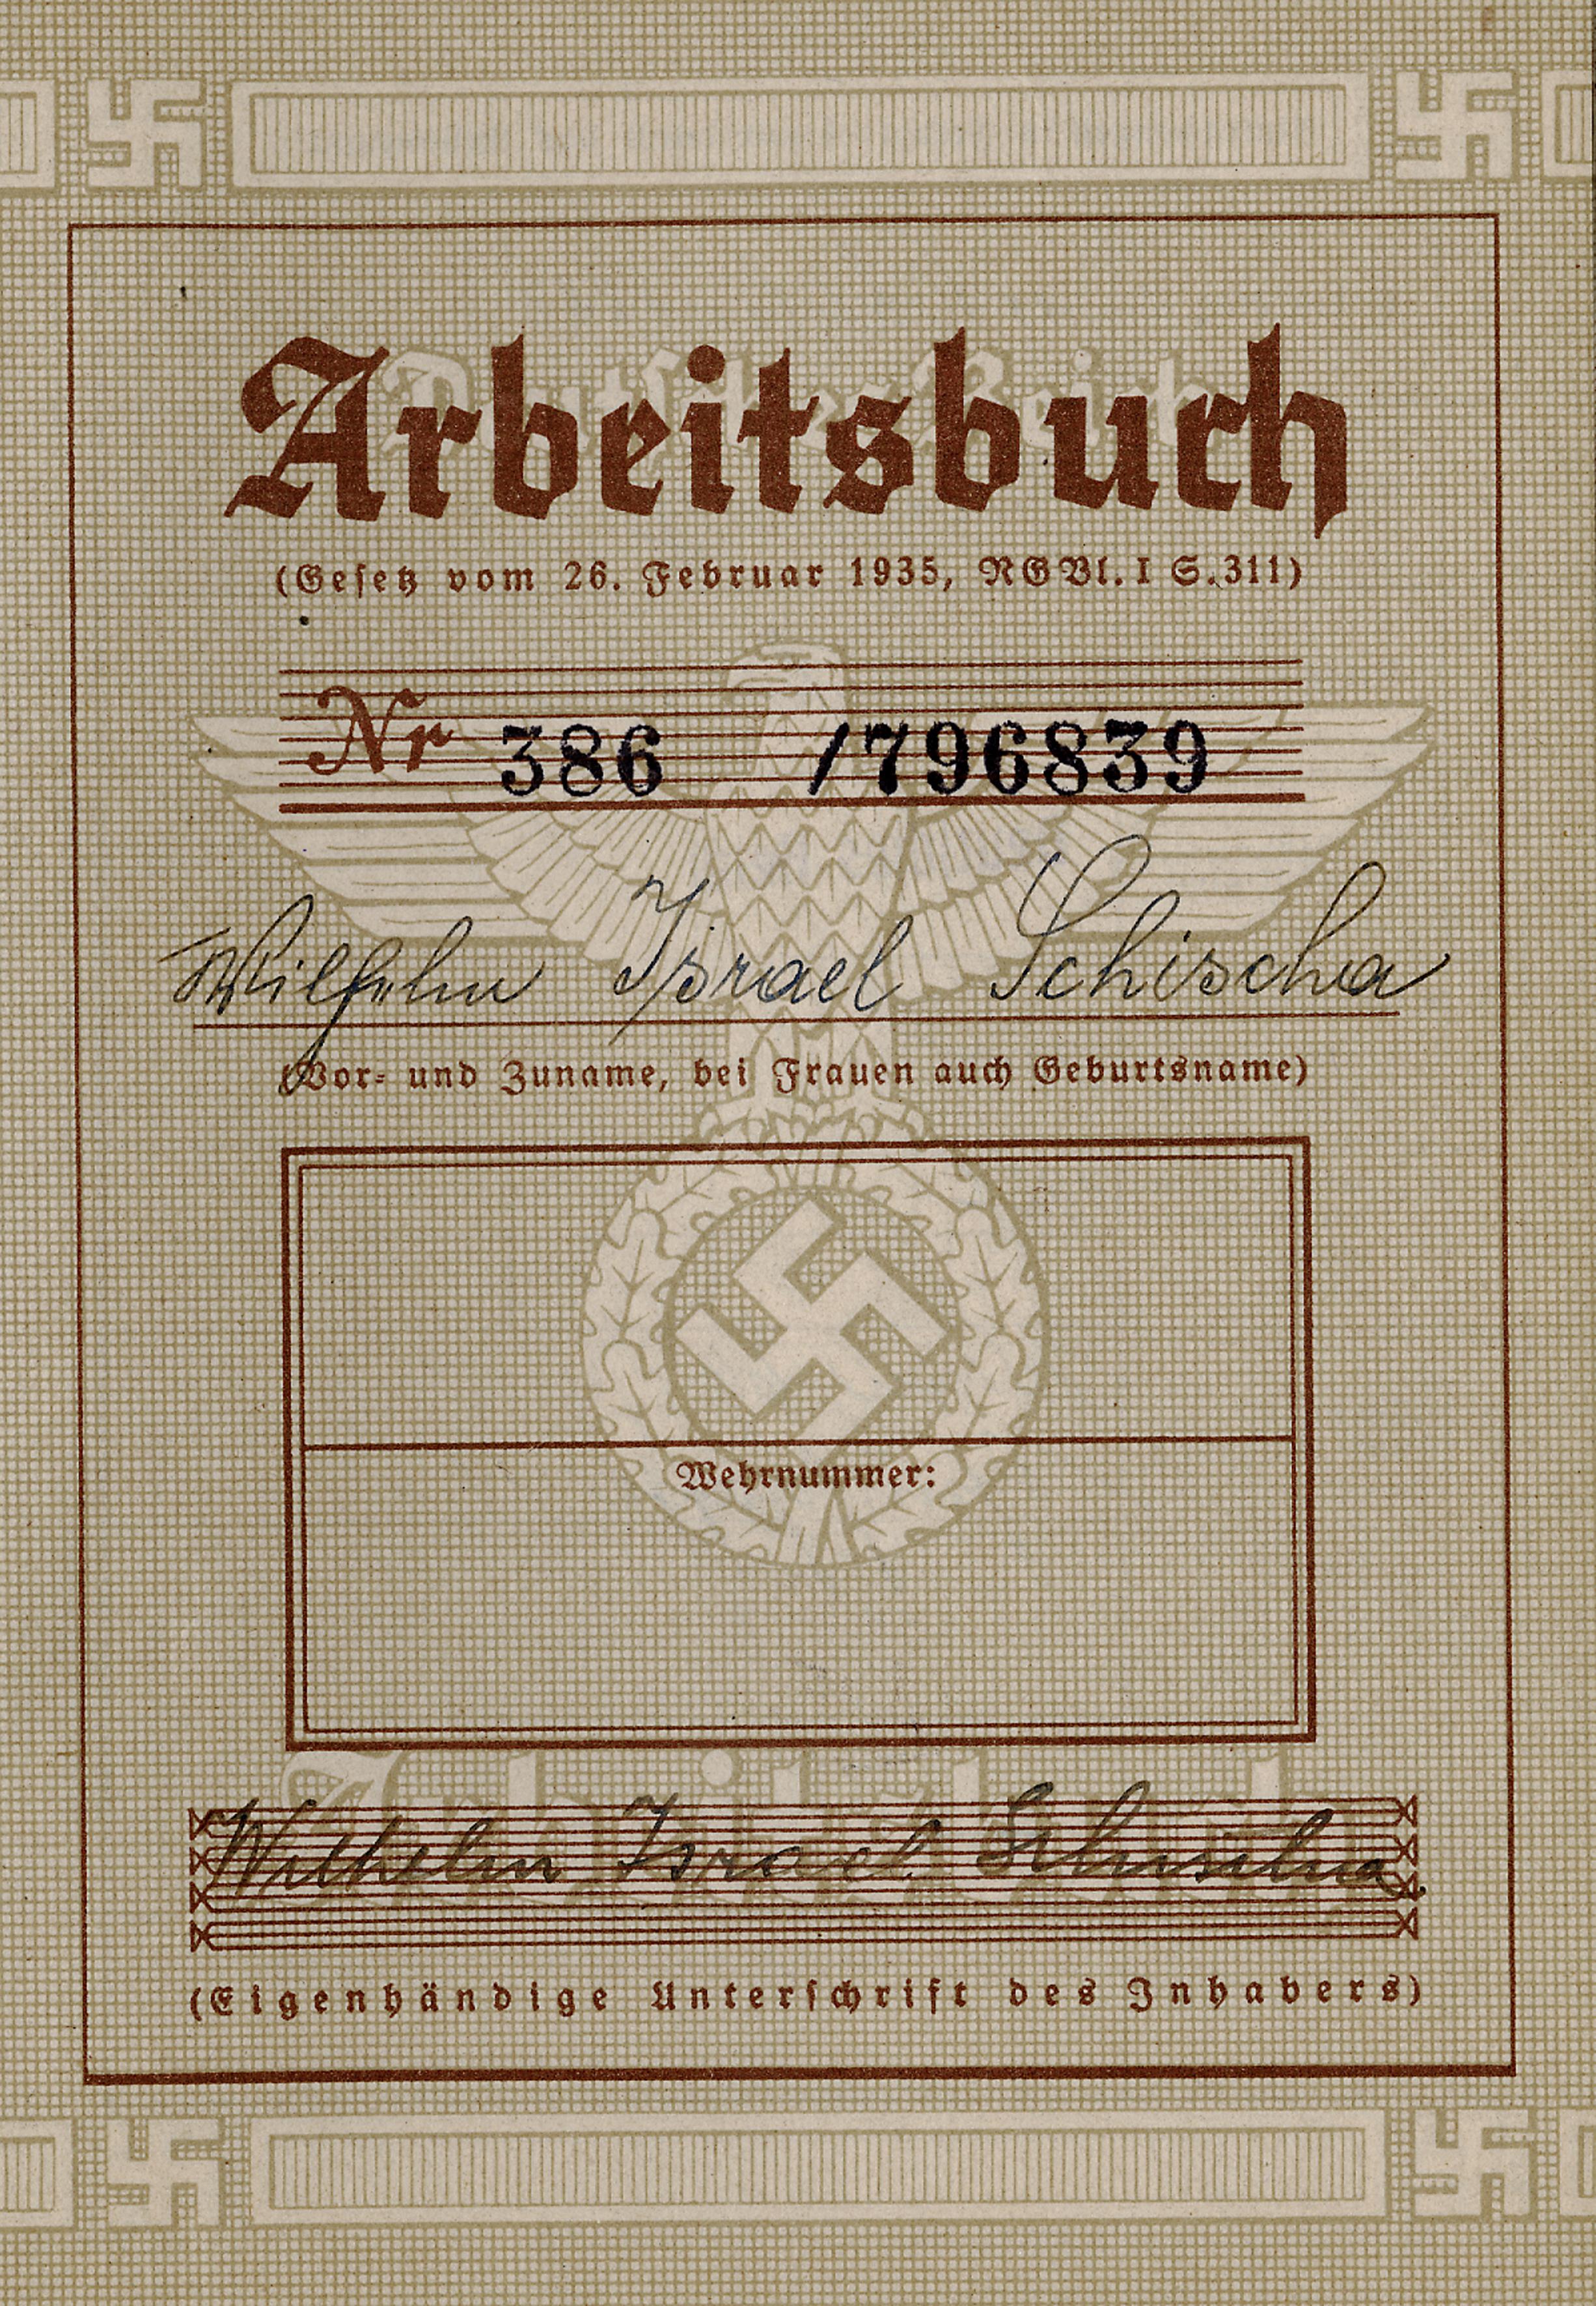 Employment book of Lilli Tauber's father Wilhelm Schischa